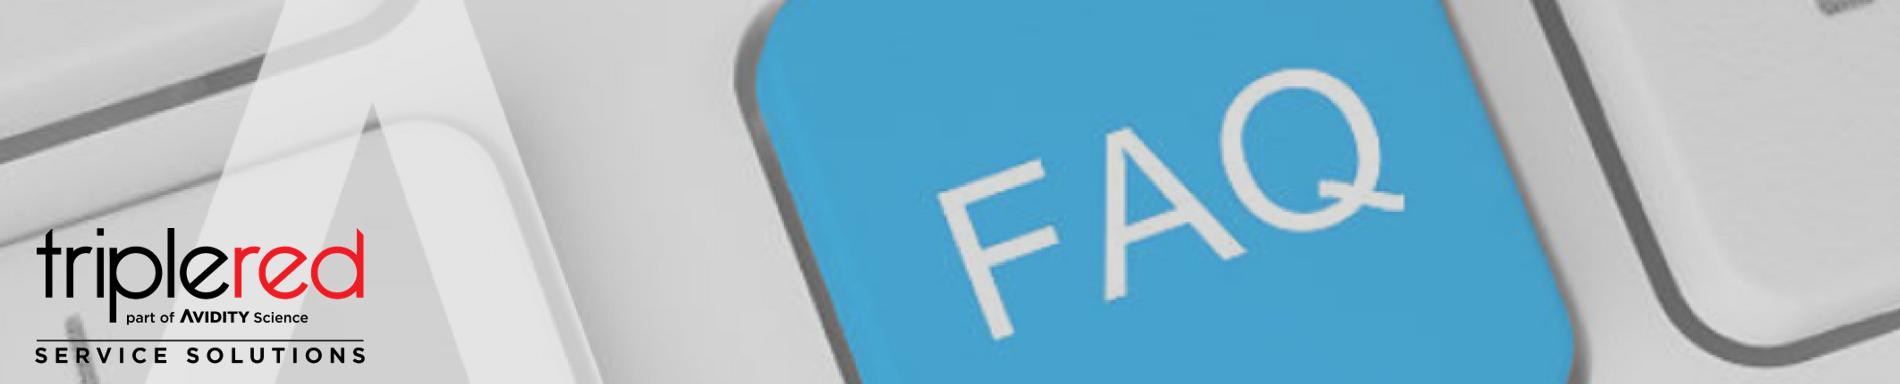 Avidity Science Ltd. - FAQ's